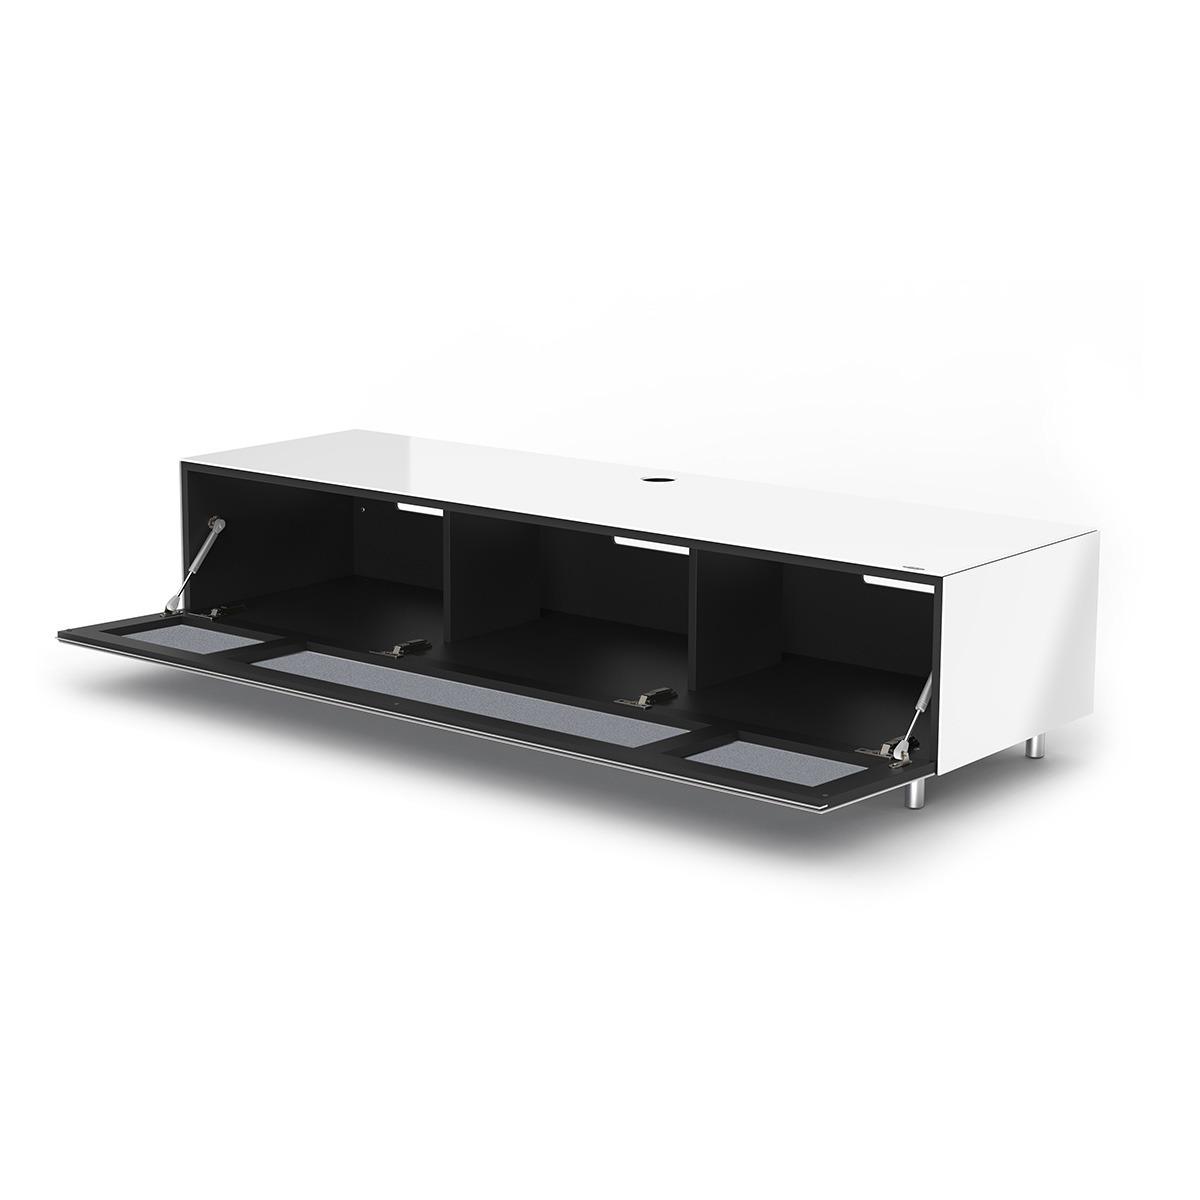 Afbeelding van Just Racks JRL1654T-SNG TV meubel